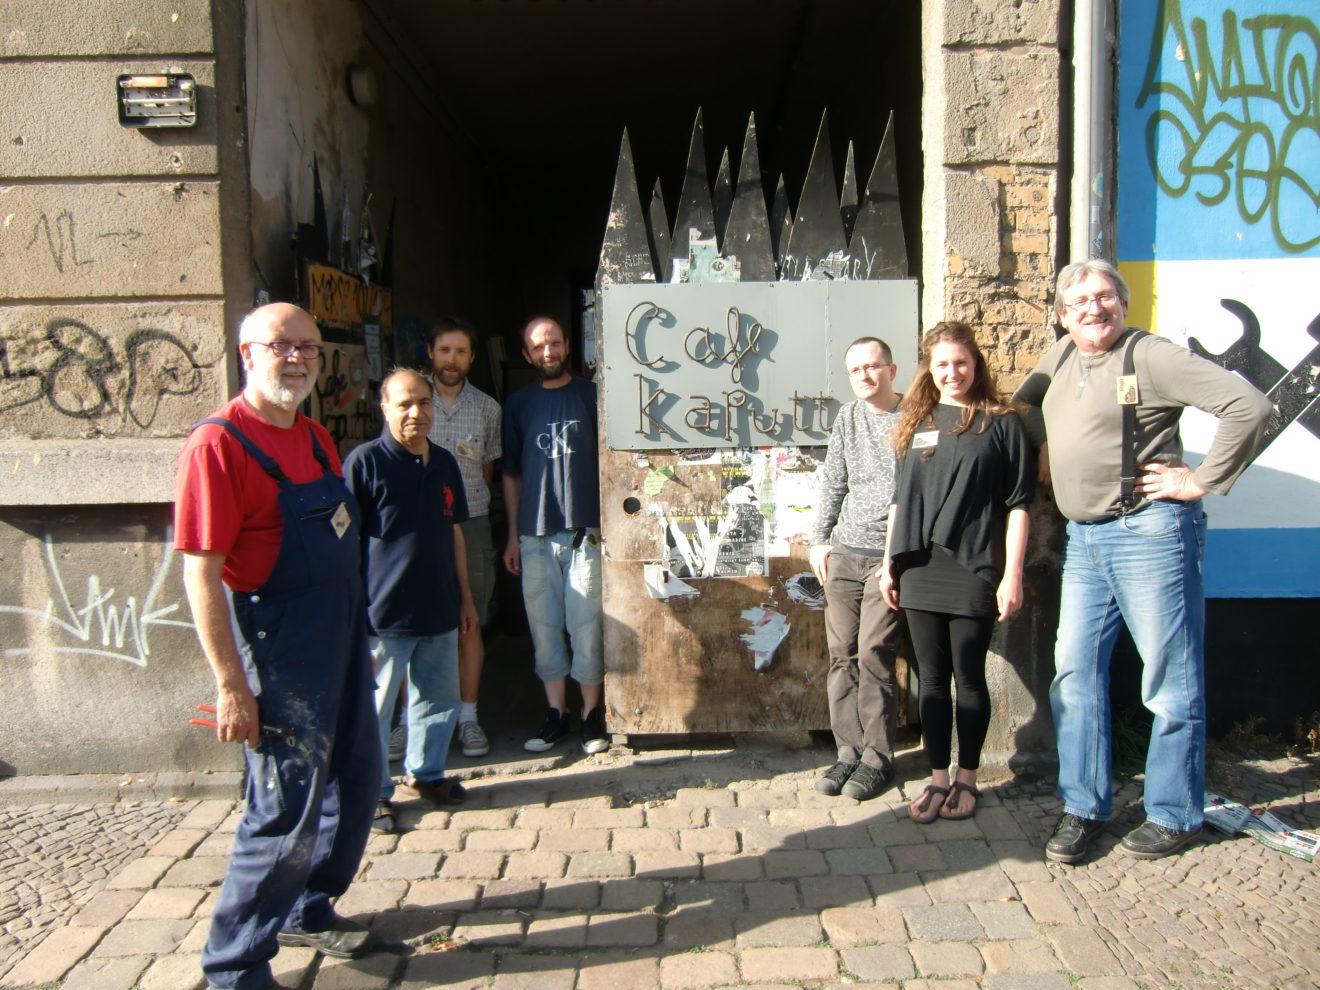 Bild: Bernd mit anderen Mitmachenden des Café kaputt vorm Tor